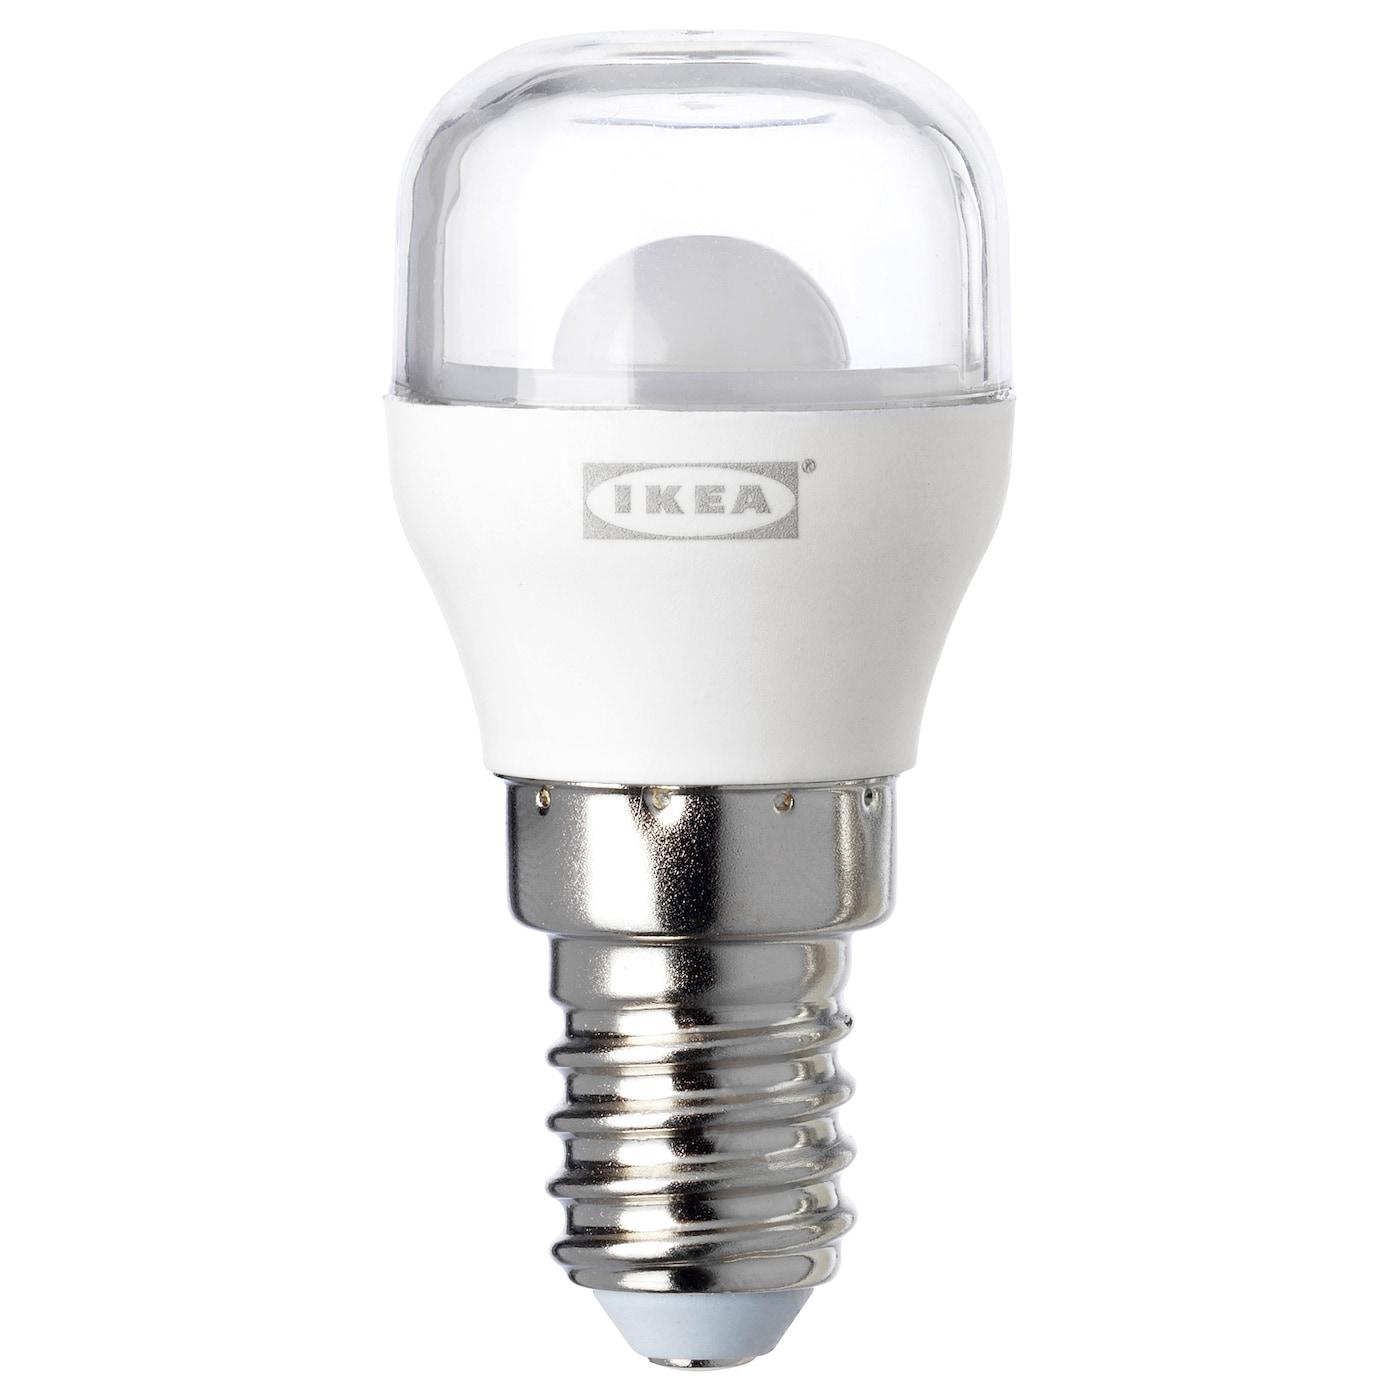 ryet ampoule poire led e14 100 lumen transparent ikea. Black Bedroom Furniture Sets. Home Design Ideas